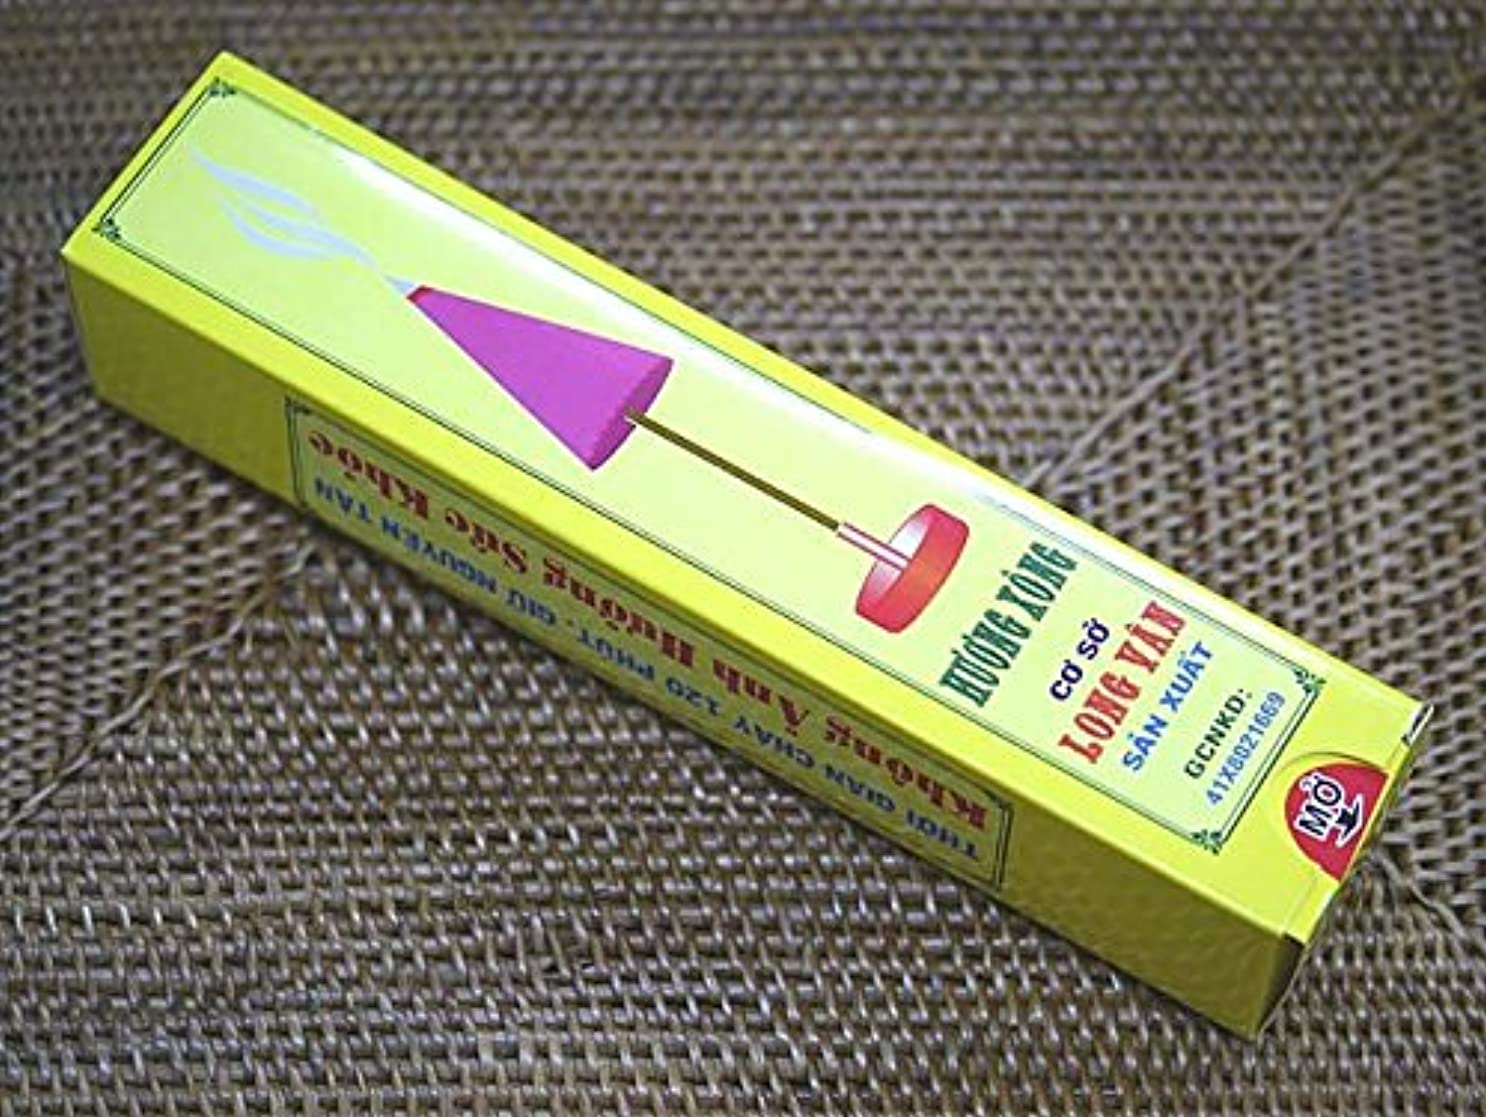 審判提供する請負業者Vietnam Incense ベトナムのお香【浄化のお香HUONG XONG】家や店や会社など浄化を目的としたお香です ハンドメイド